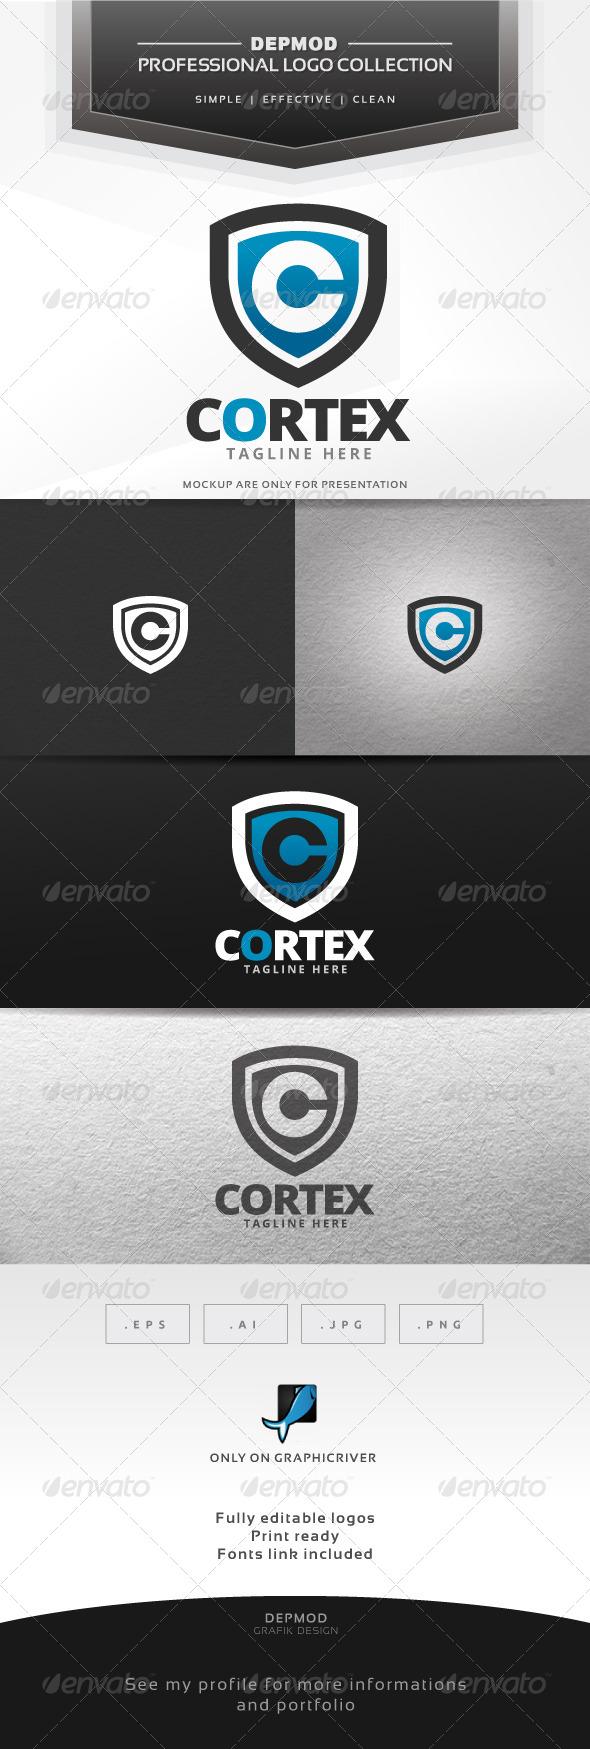 GraphicRiver Cortex Logo 7563307